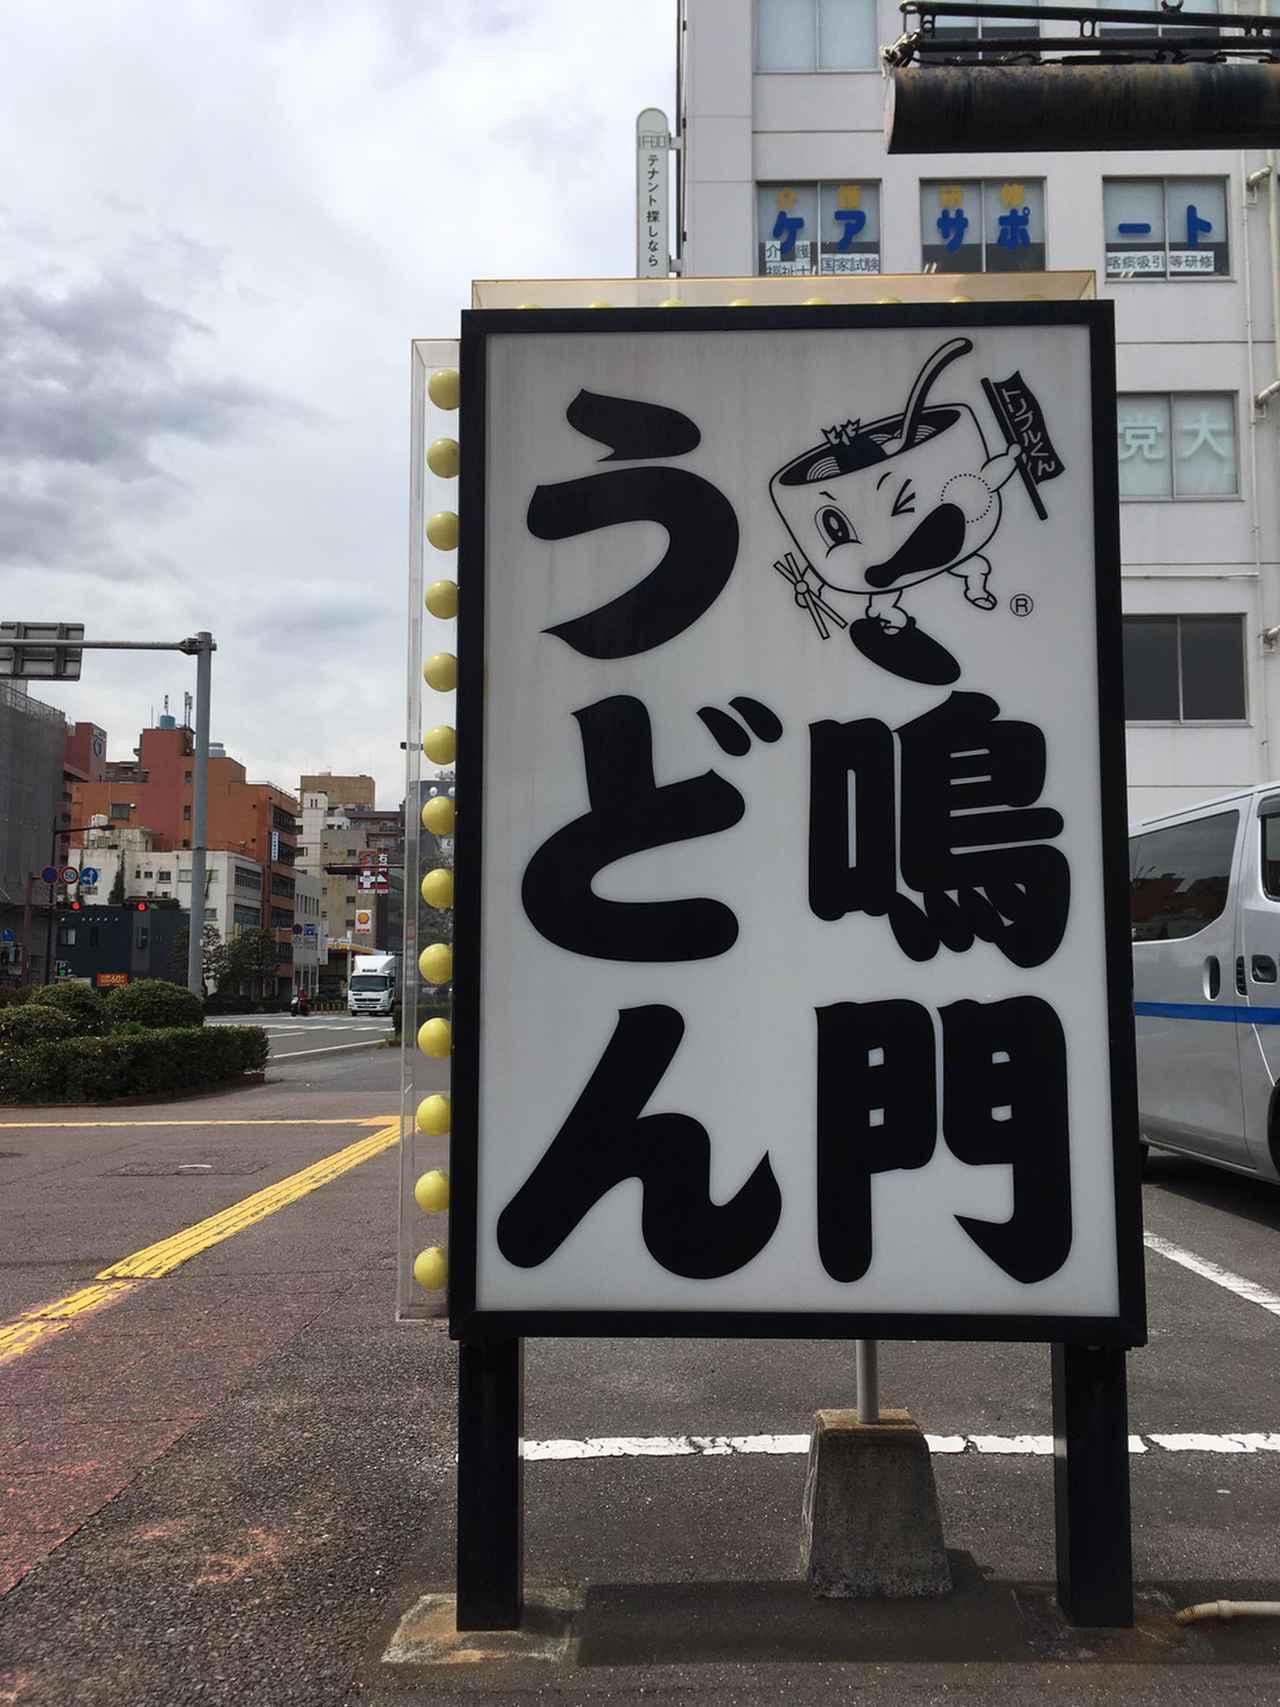 画像2: 福山理子の大分ツーリング〈番外編2〉長湯温泉「ラムネ温泉館」と猫ちゃんが案内してくれる美術館が最高!